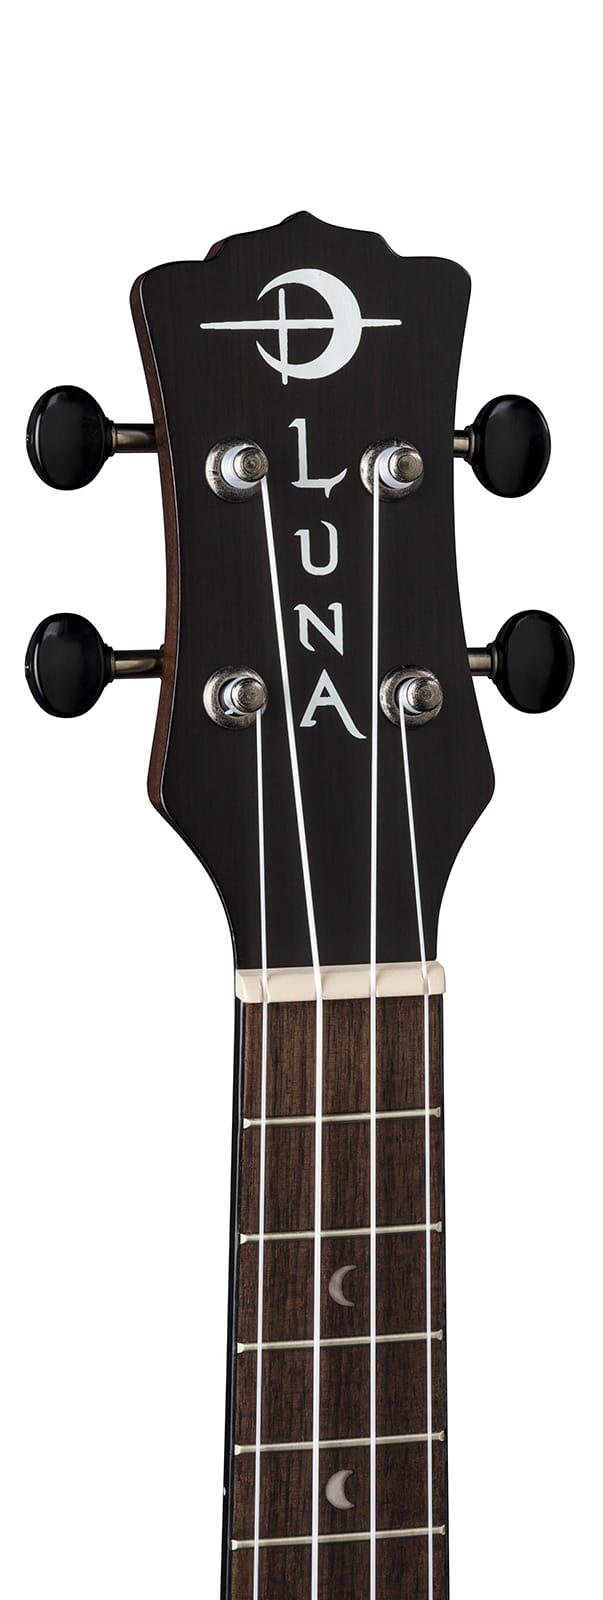 Luna Uke Artist Vintage Distressed Concert Ukulele Ukulele Ukulele w/ Gig Bag e77a94